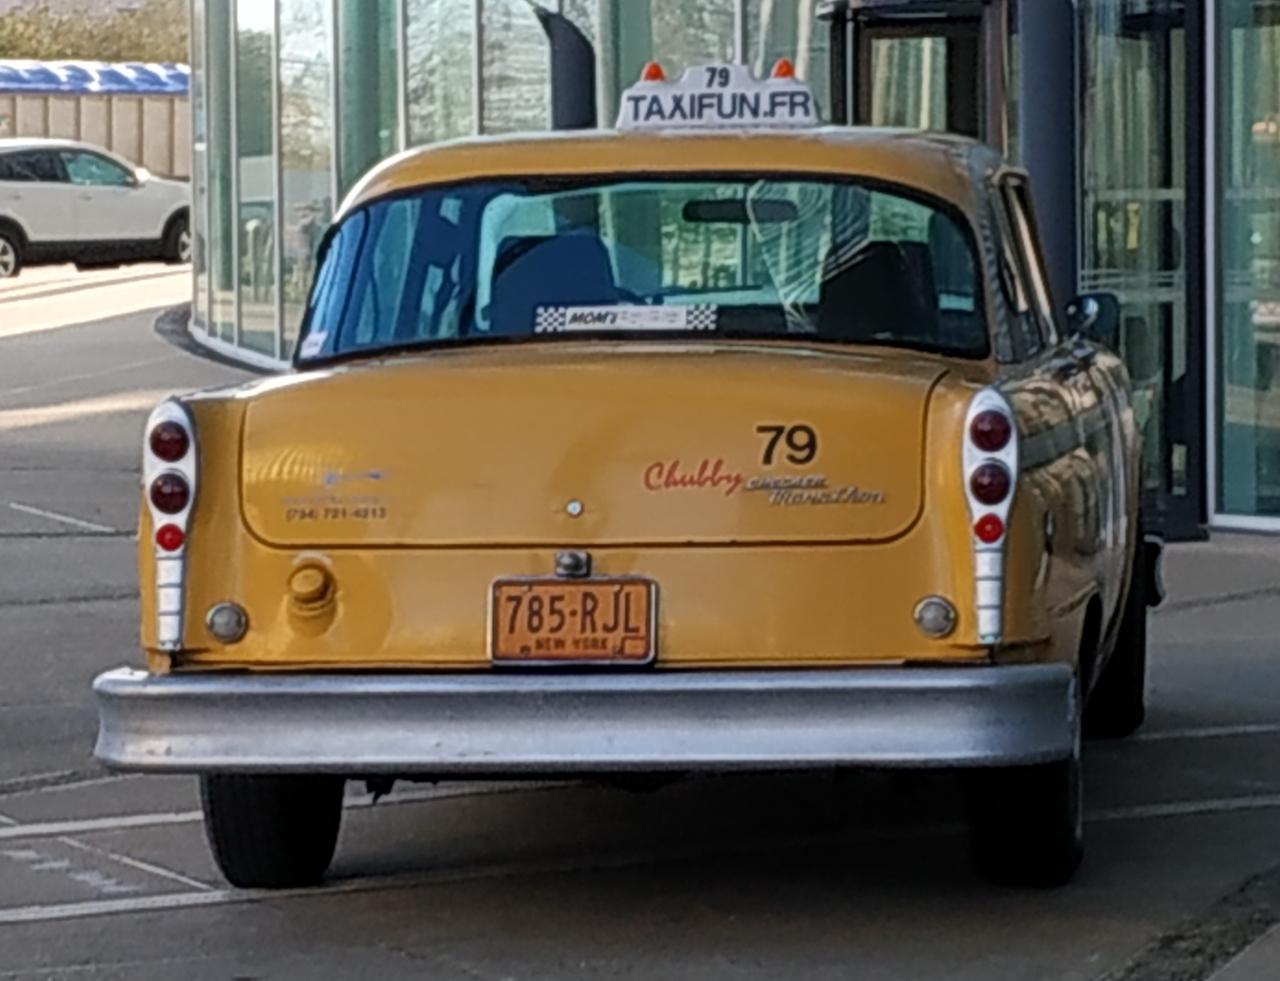 taxi new-yorkais-vue-arriere-devant-entree-immeuble-crédit agricole-massy